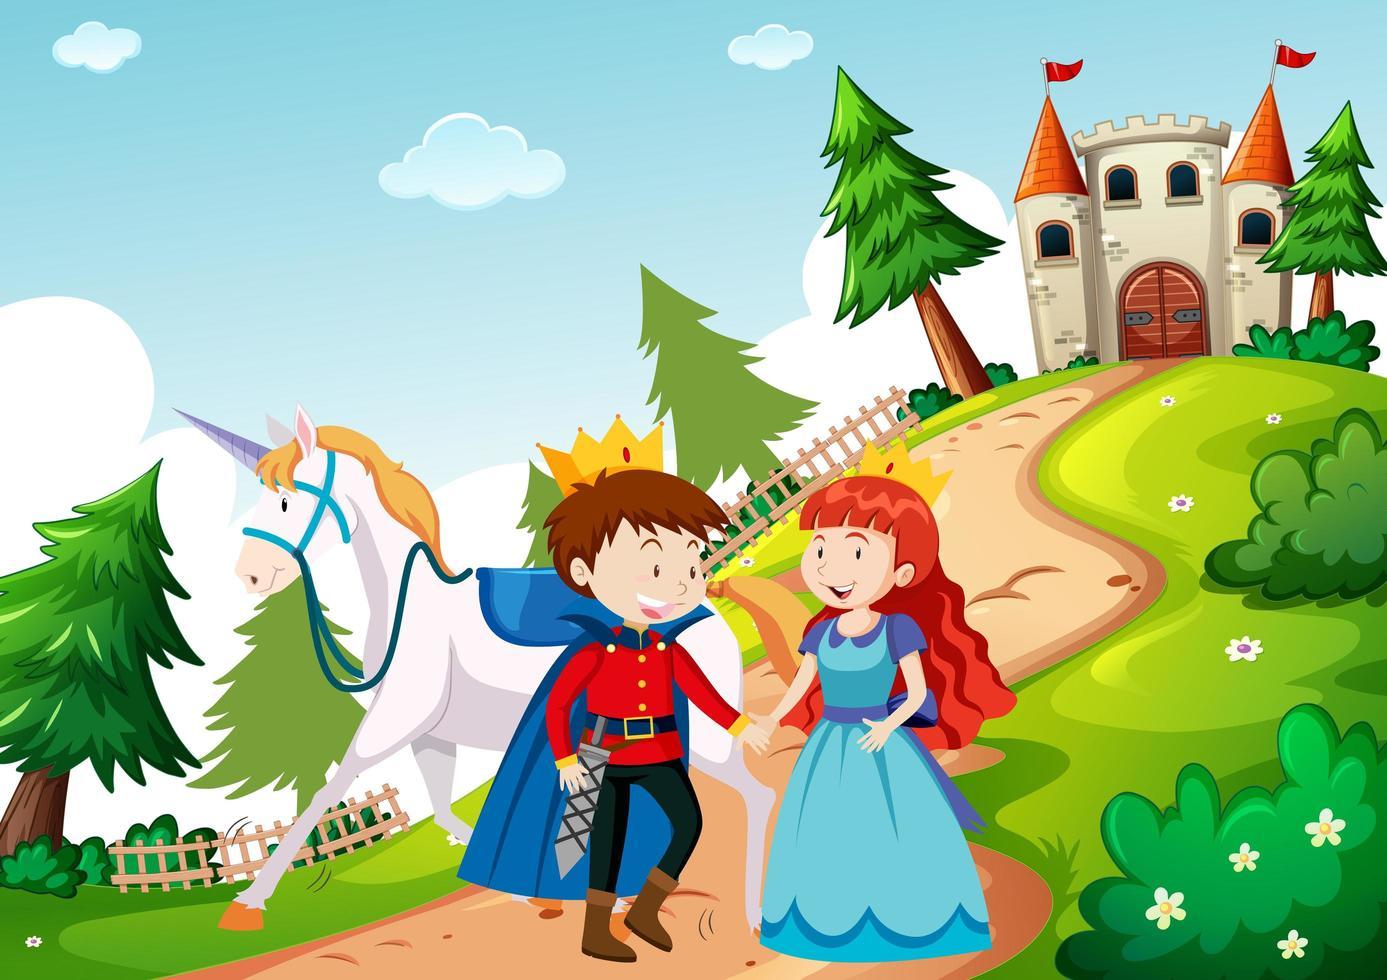 príncipe y princesa en la escena de la tierra de cuento de hadas vector